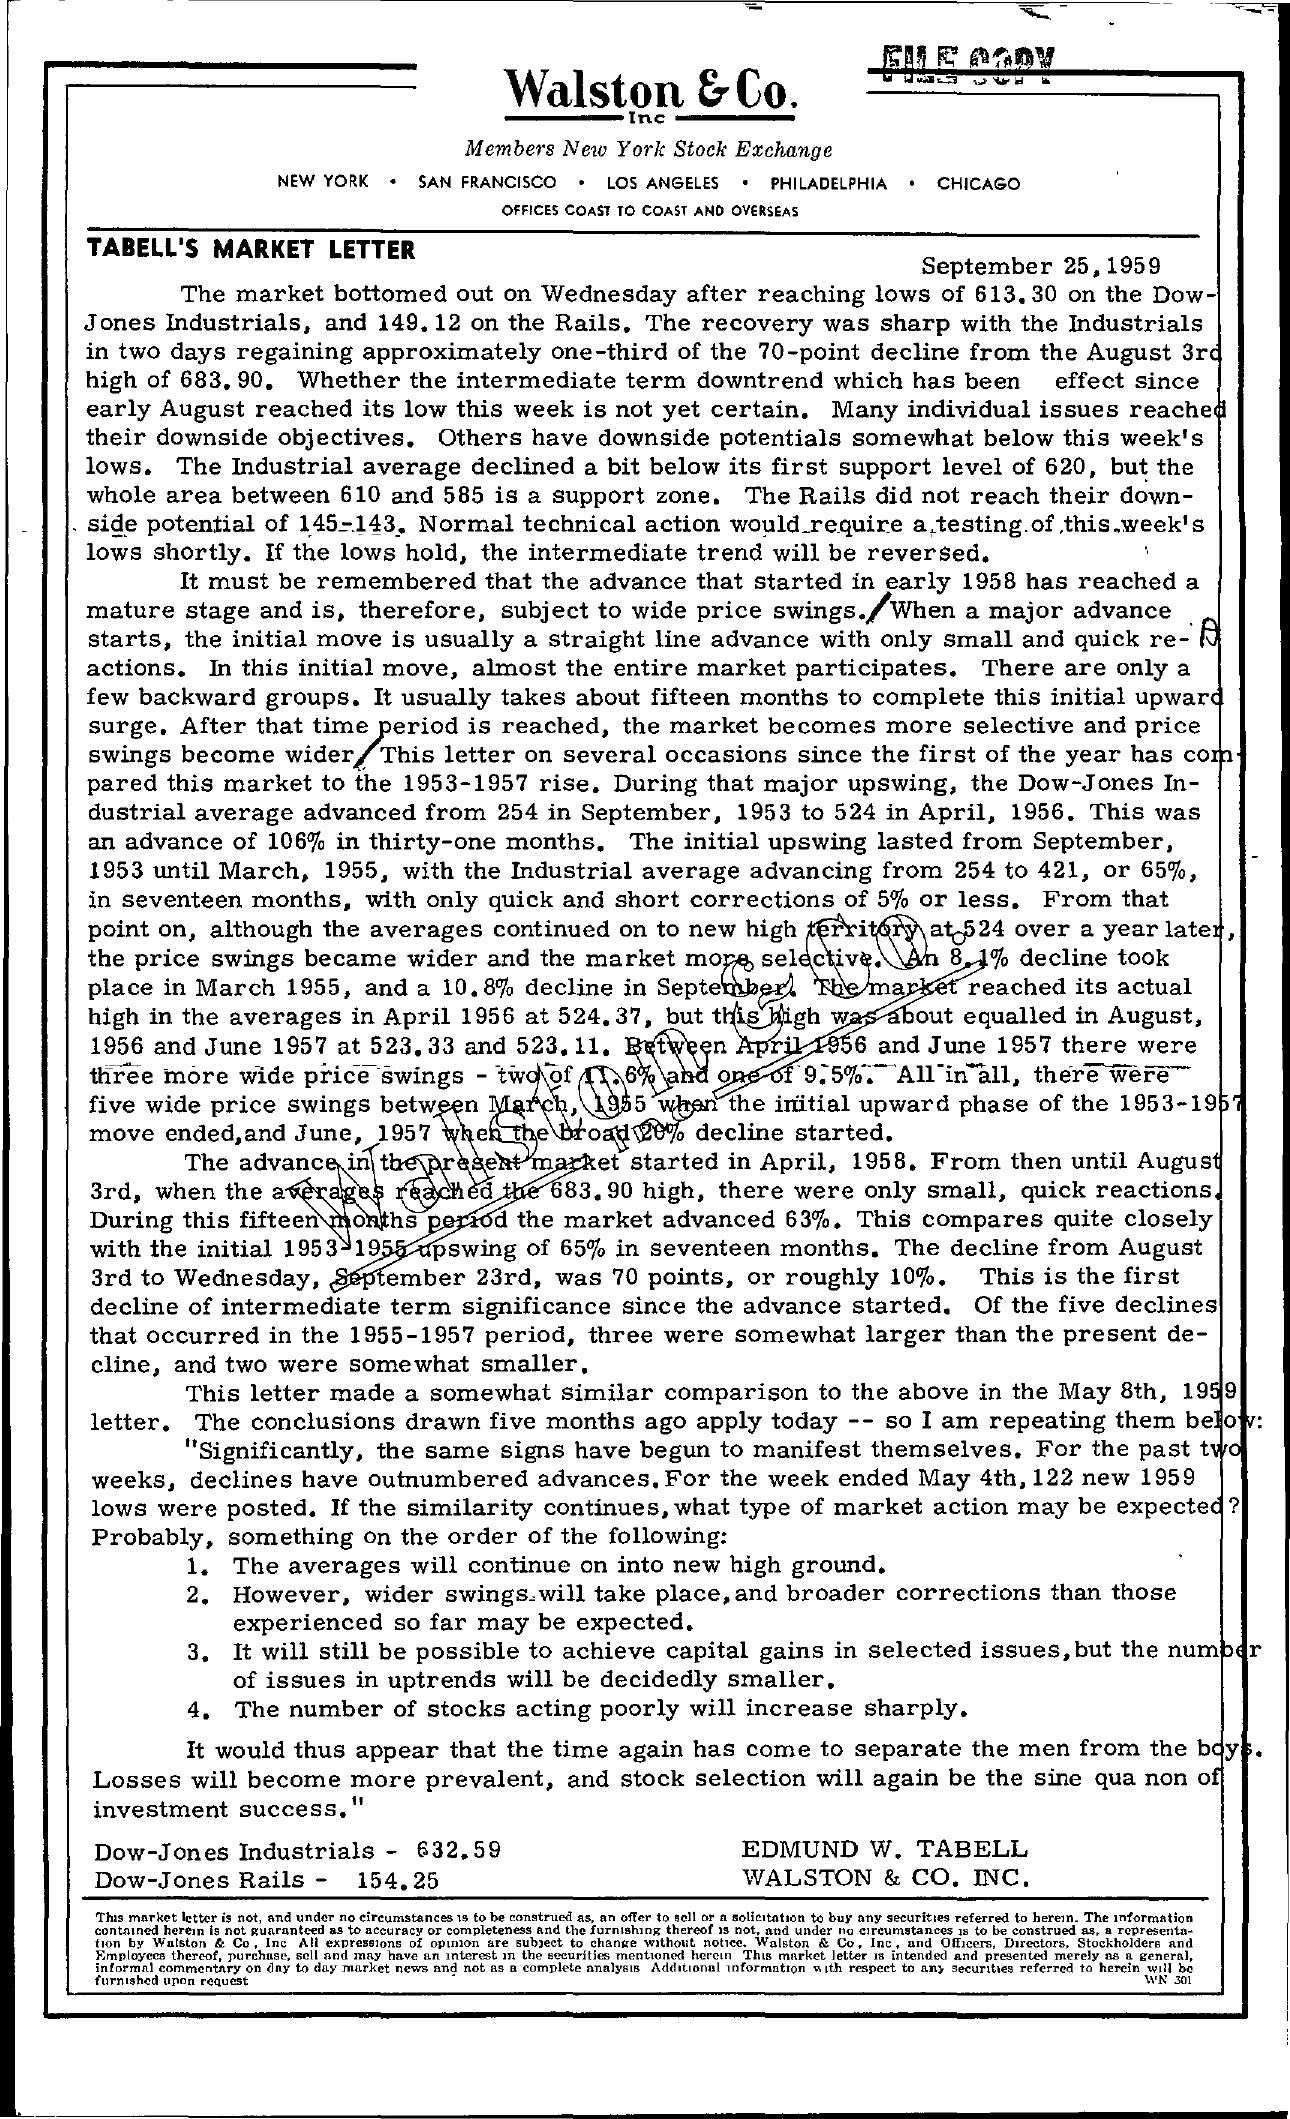 Tabell's Market Letter - September 25, 1959